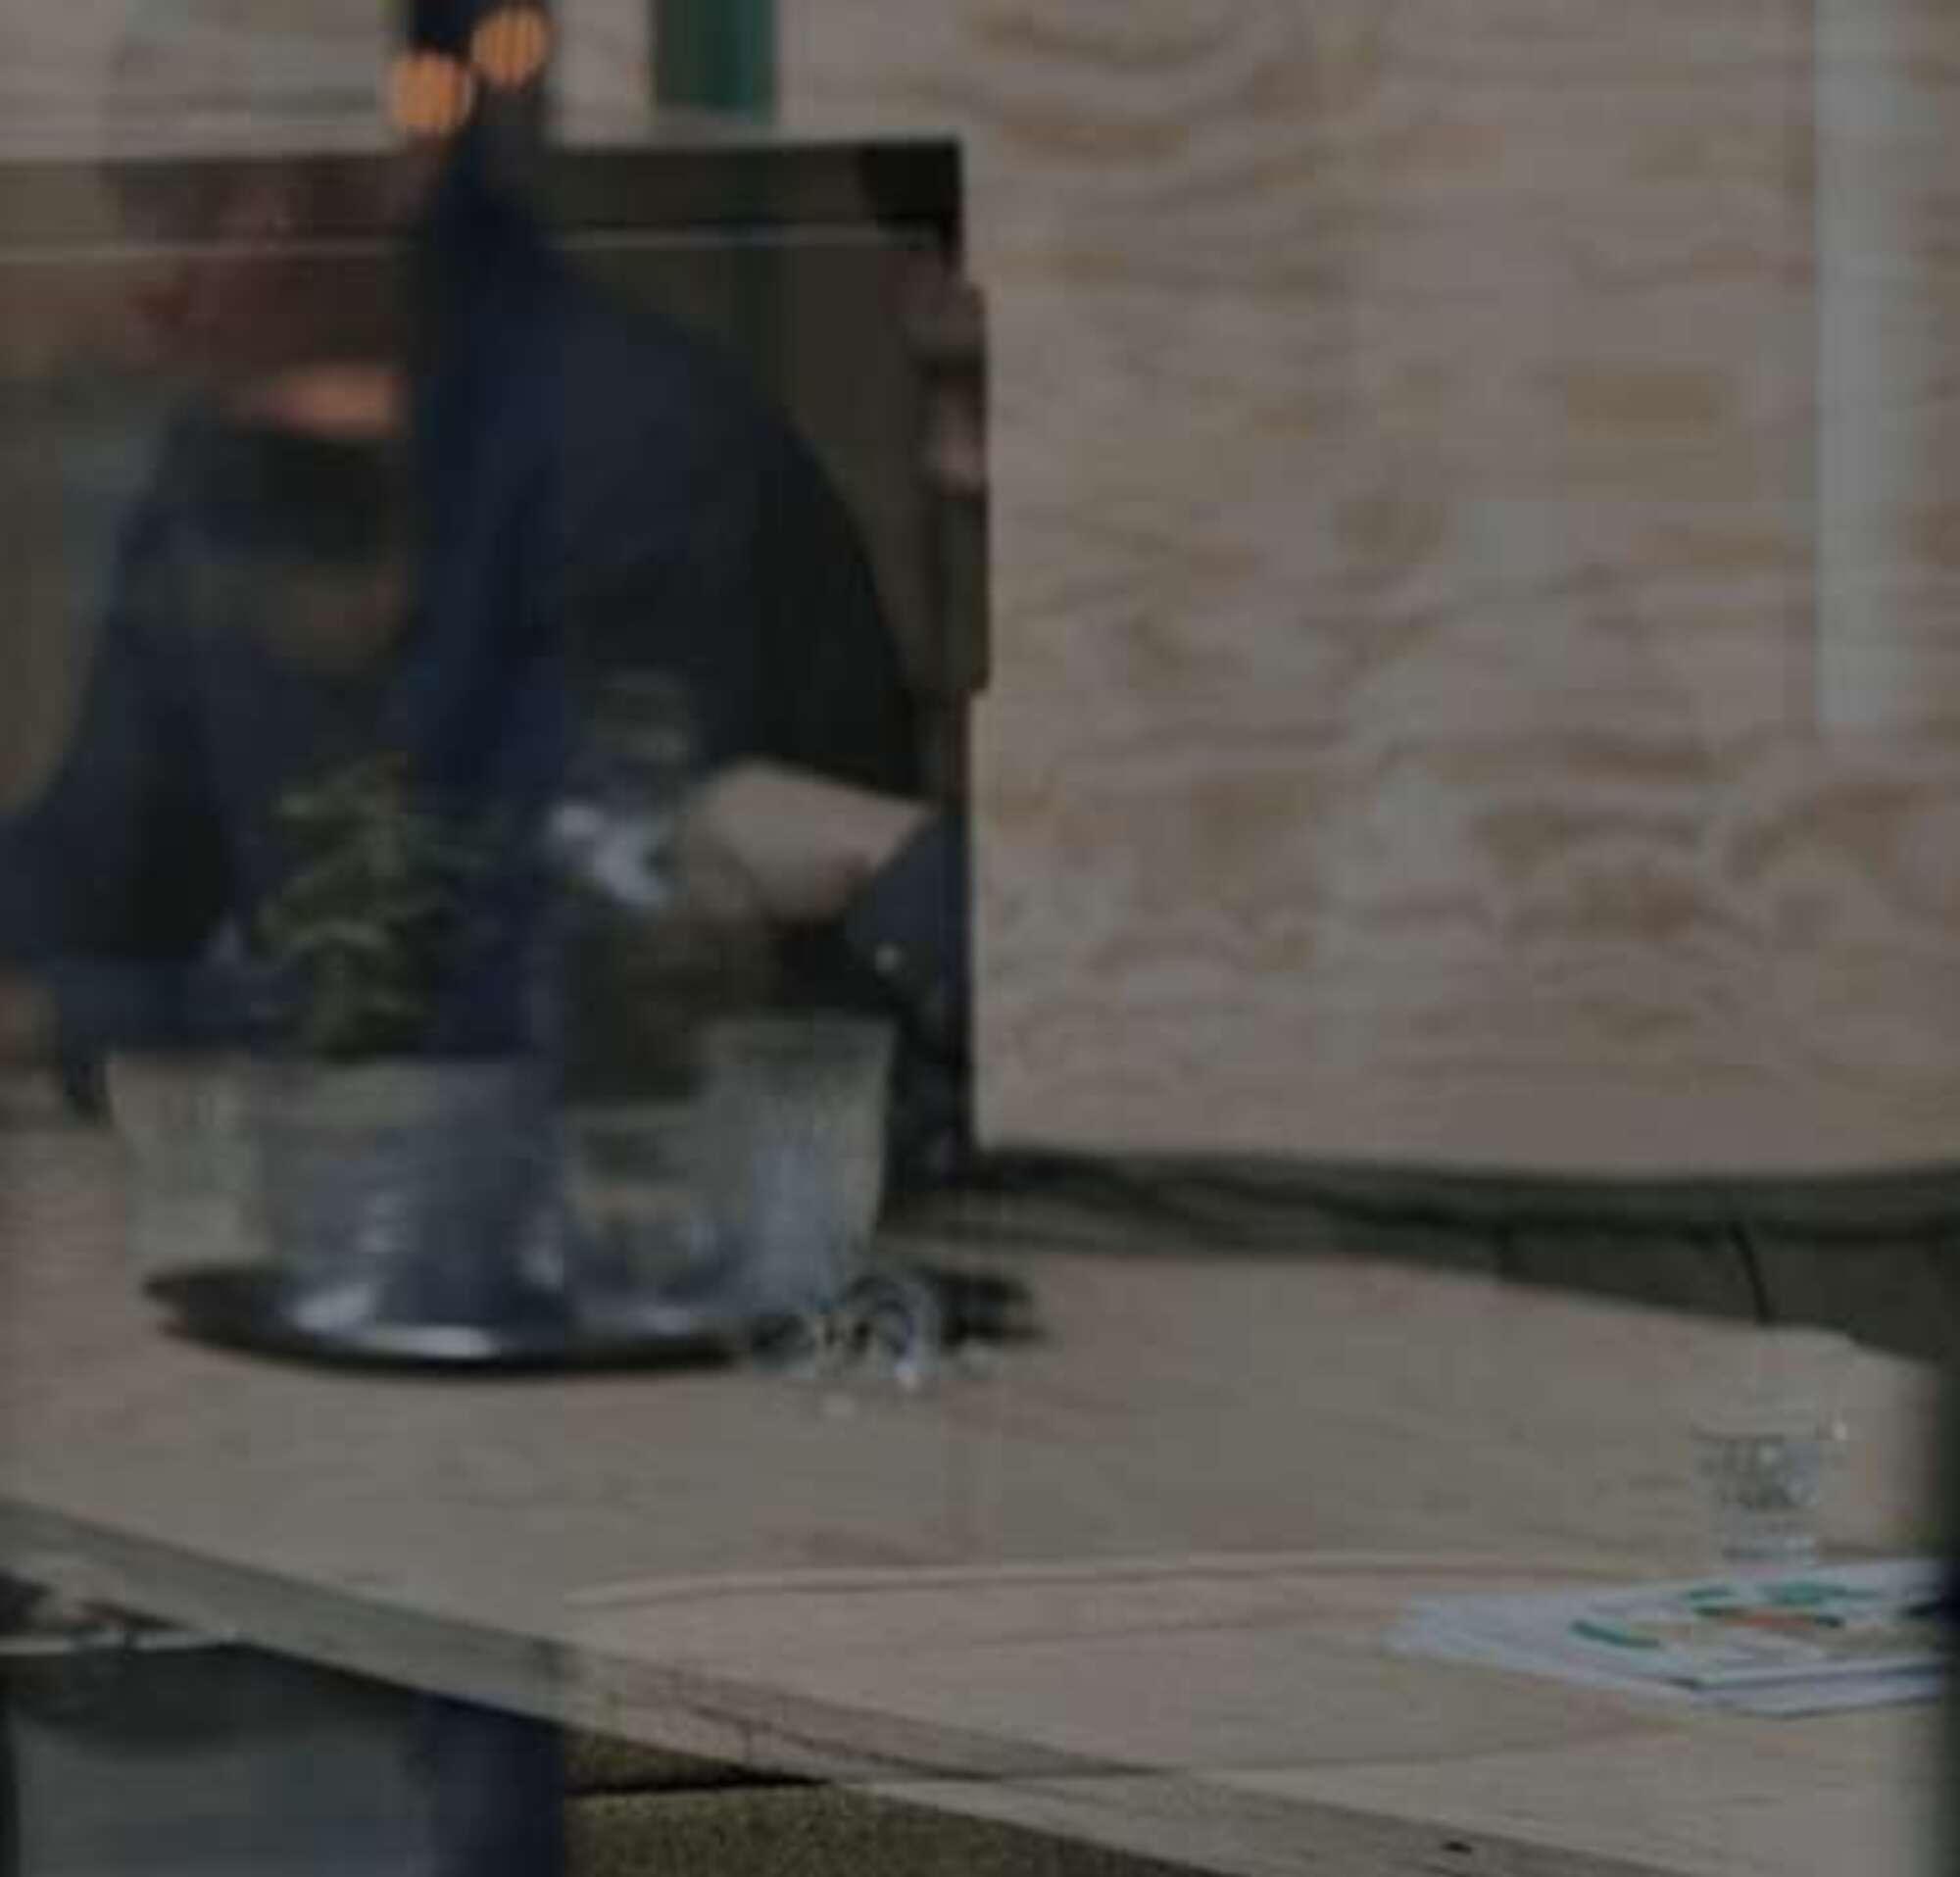 Frau mit Headset, die am Laptop arbeitet und ihr Telefon dabei trägt.